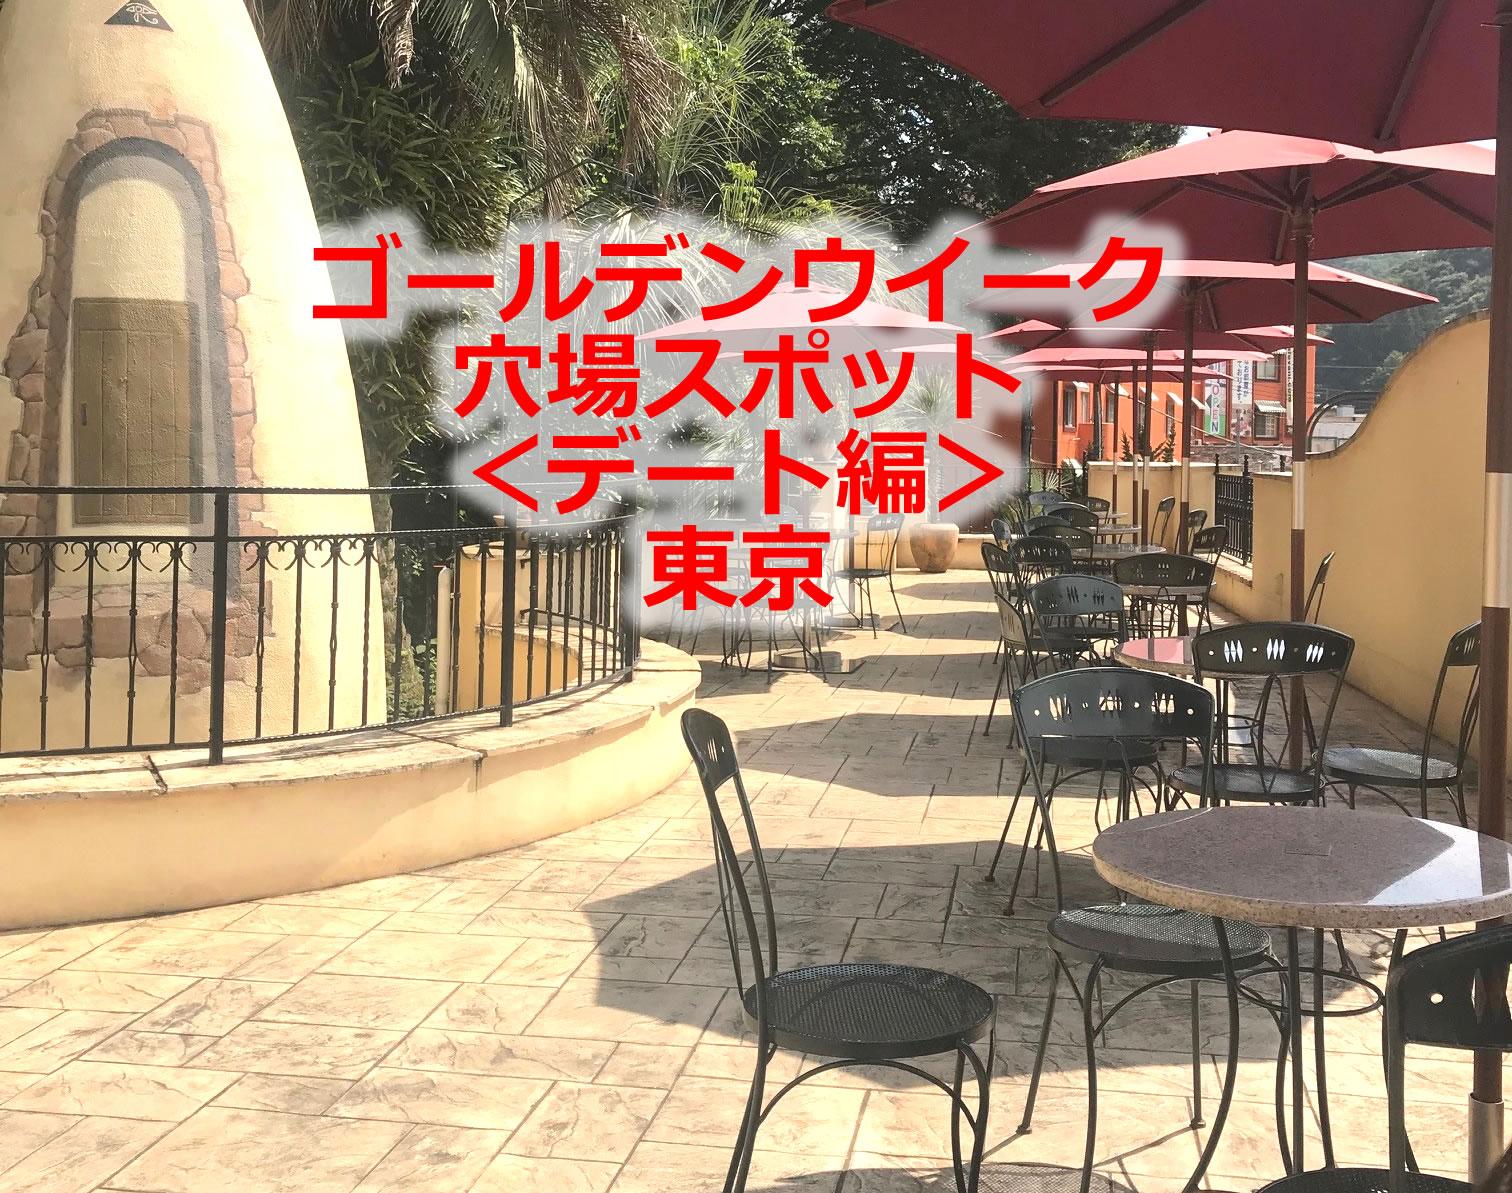 2019ゴールデンウイーク穴場スポット厳選2選!【東京デート編】